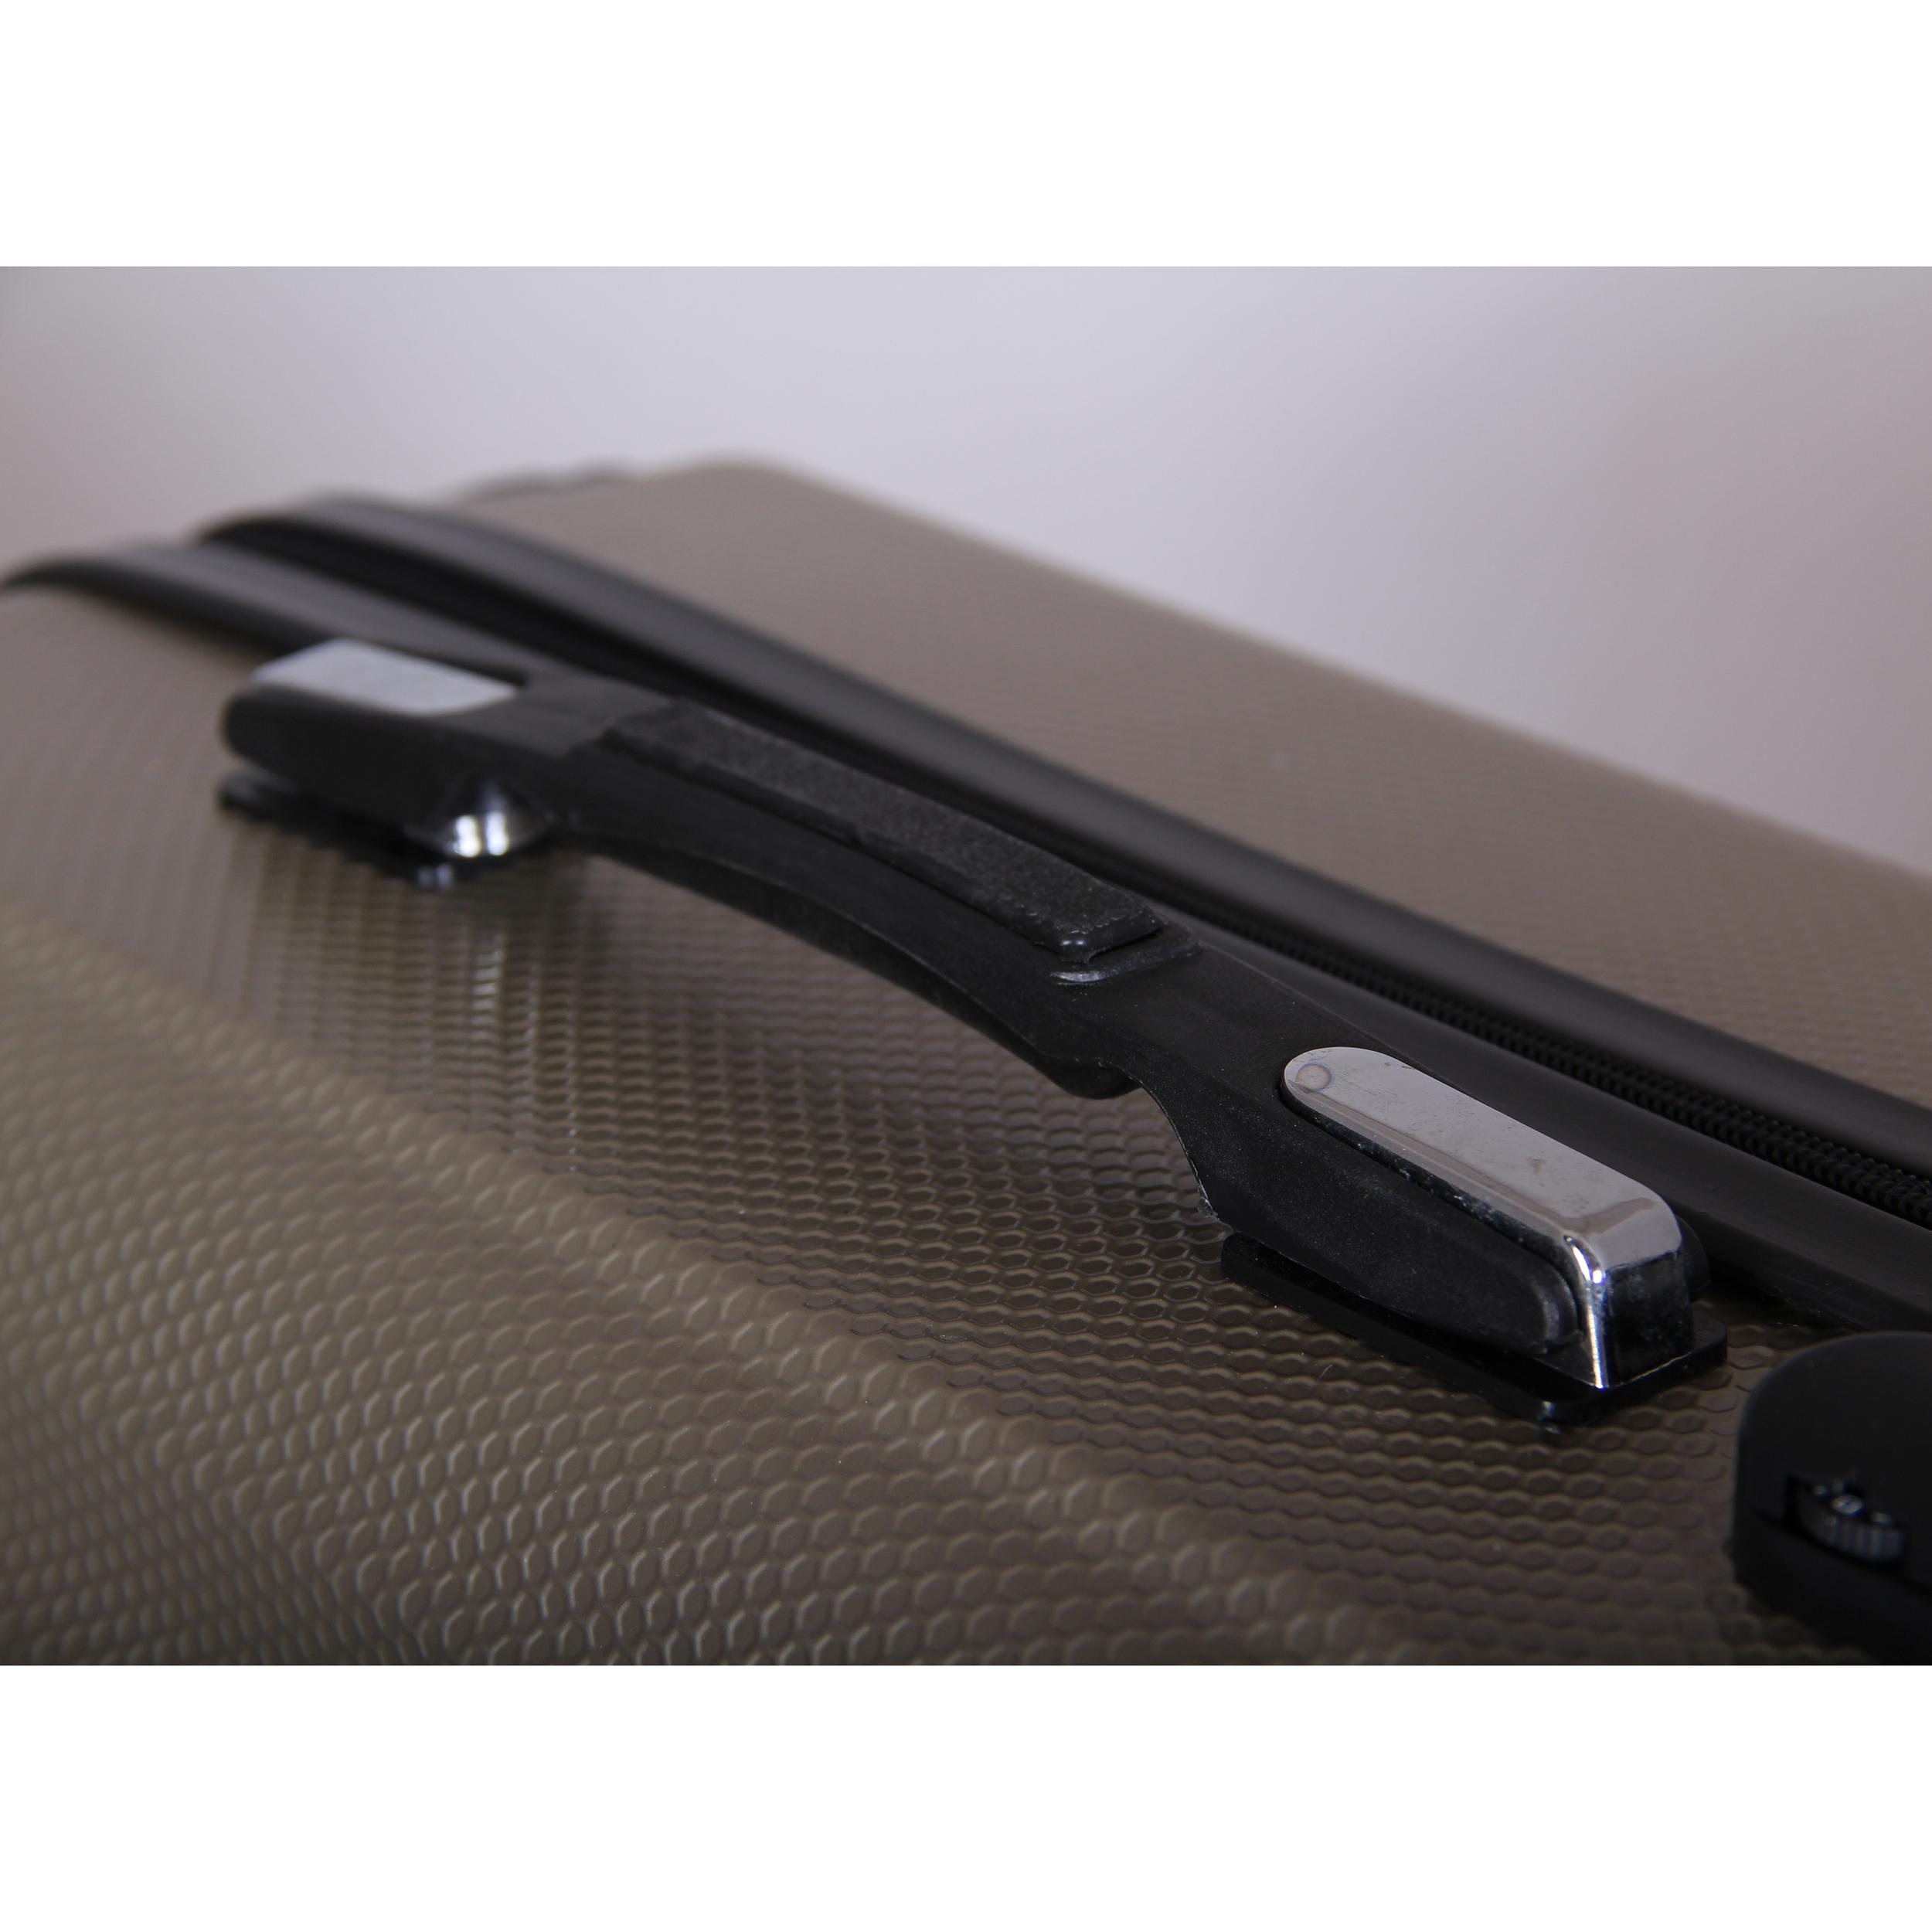 مجموعه چهار عددی چمدان اسپرت من مدل NS001 main 1 12